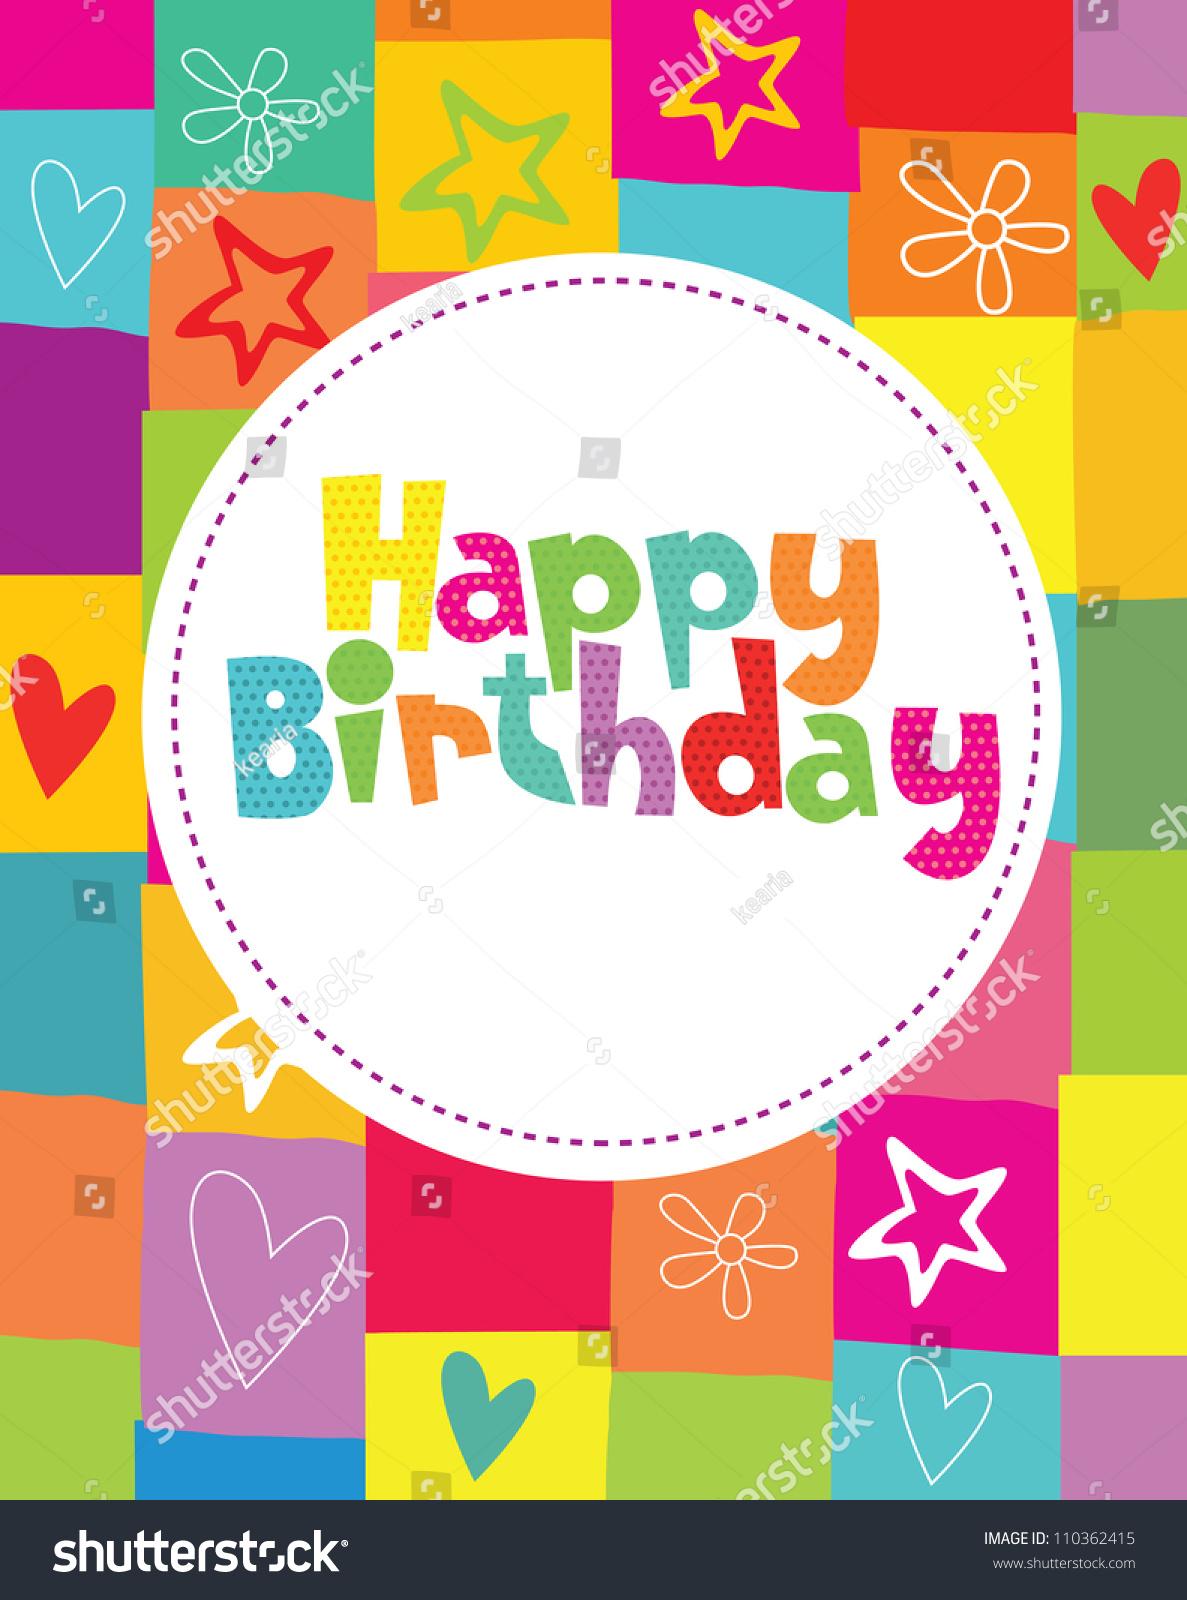 Bildergebnis für Birthday Card Design